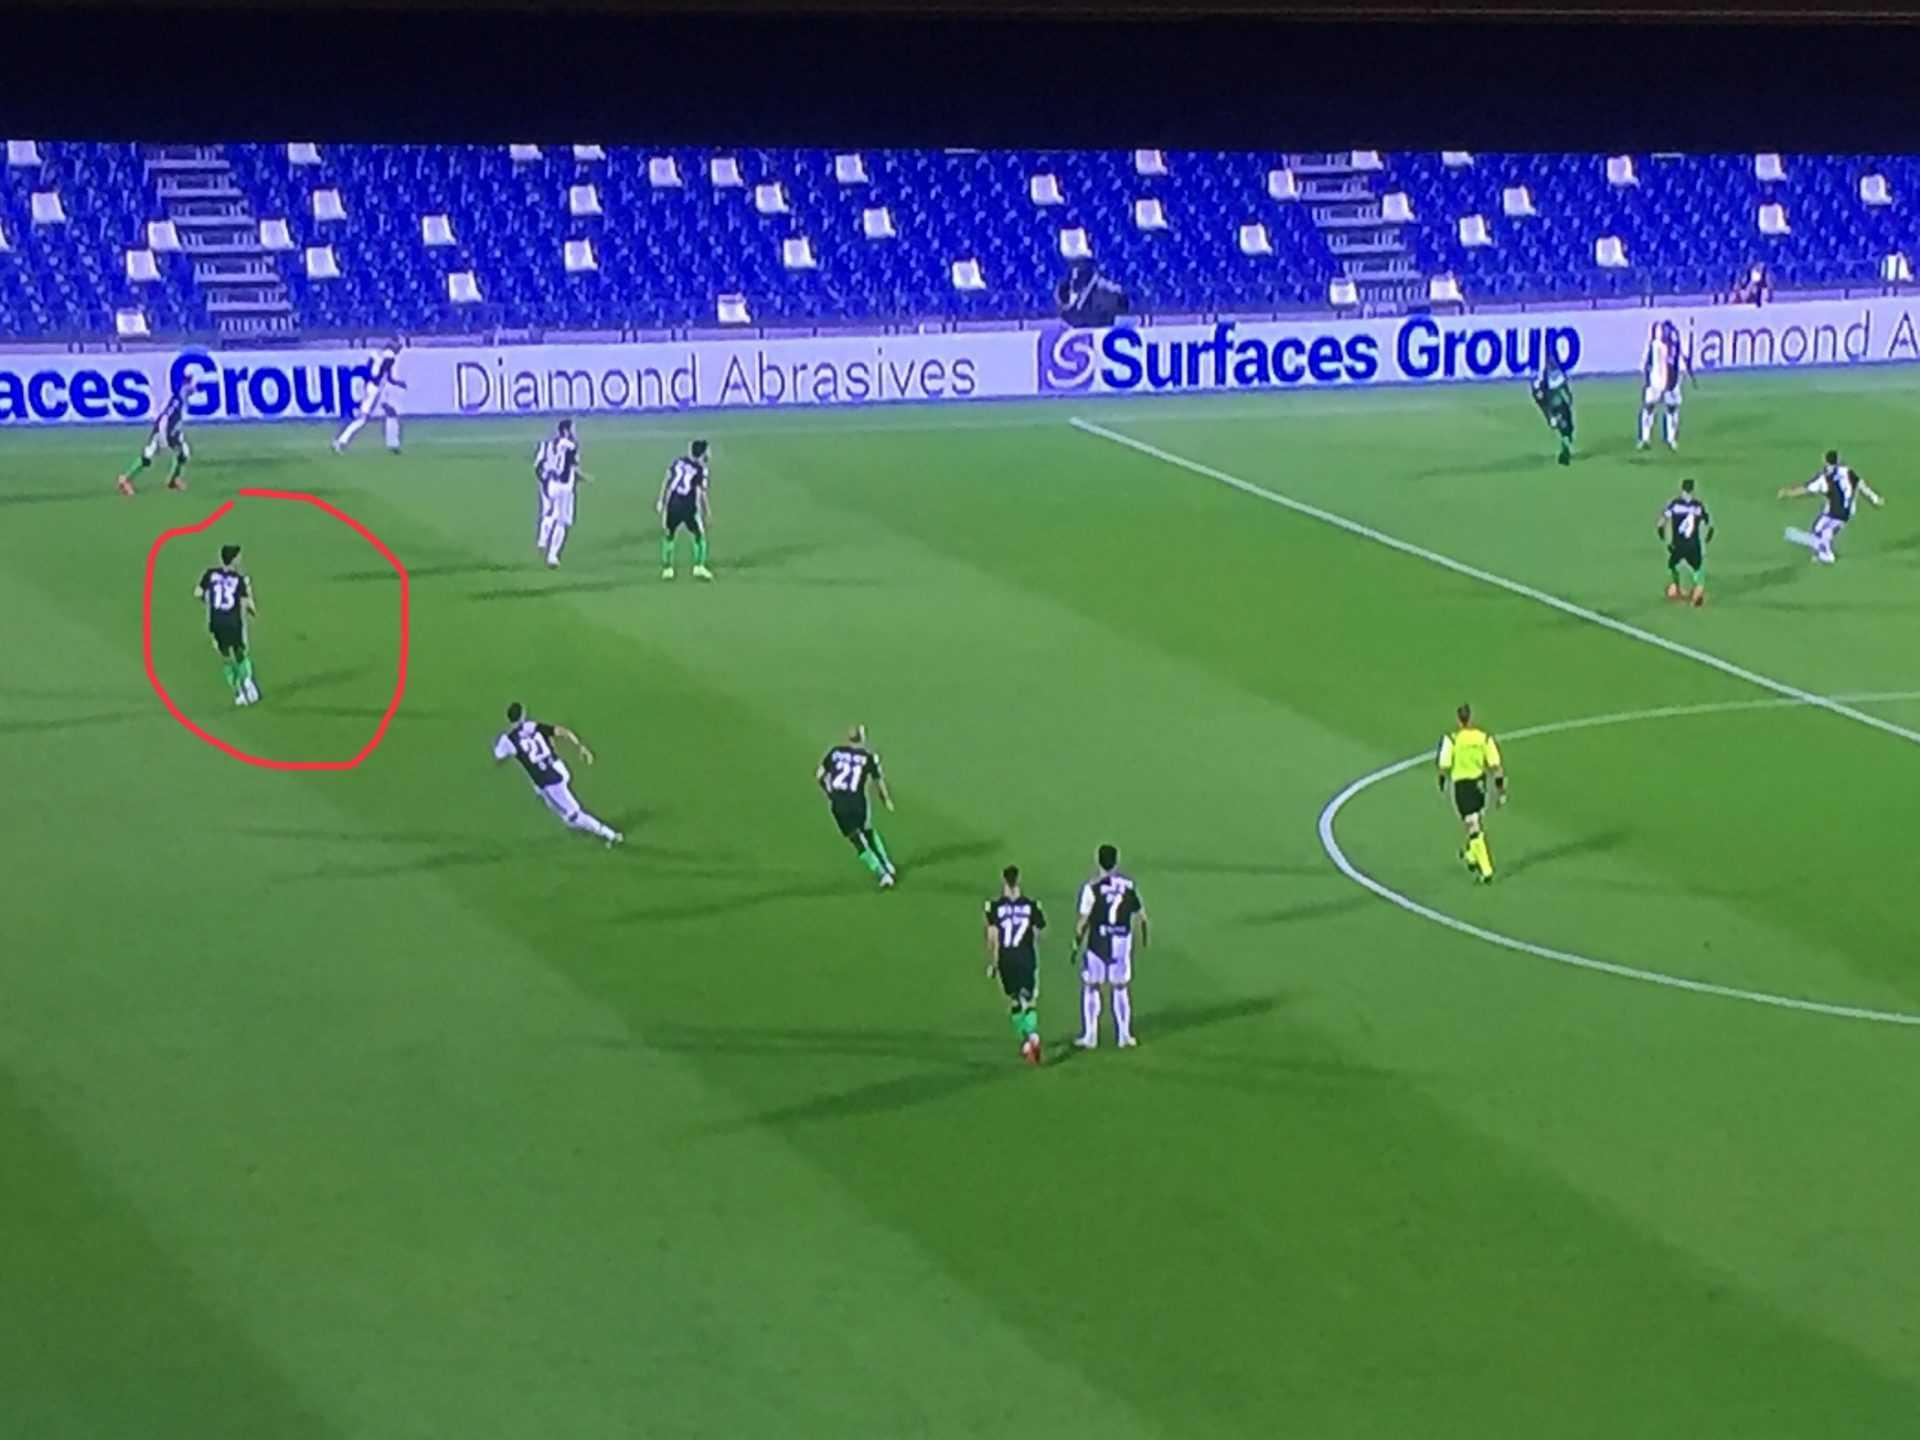 Sassuolo-Juventus (3-3): analisi tattica e considerazioni